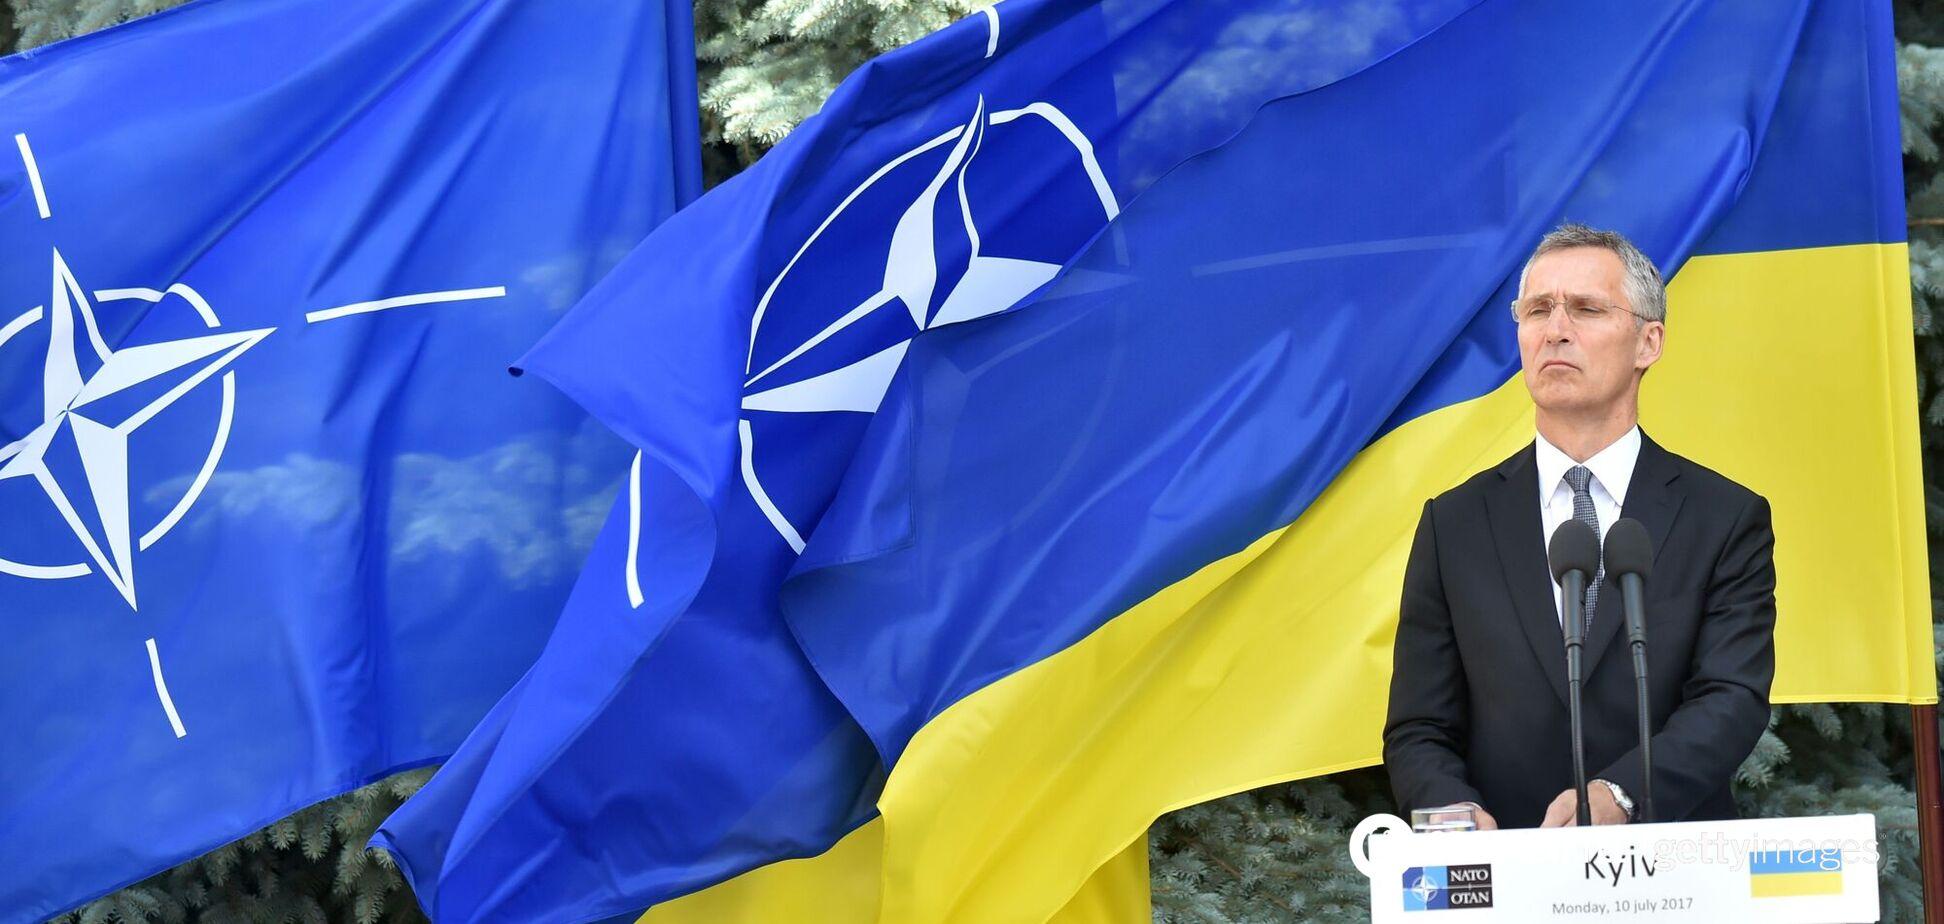 У НАТО відзначили винятковість України та опублікували перший пост у соцмережі українською